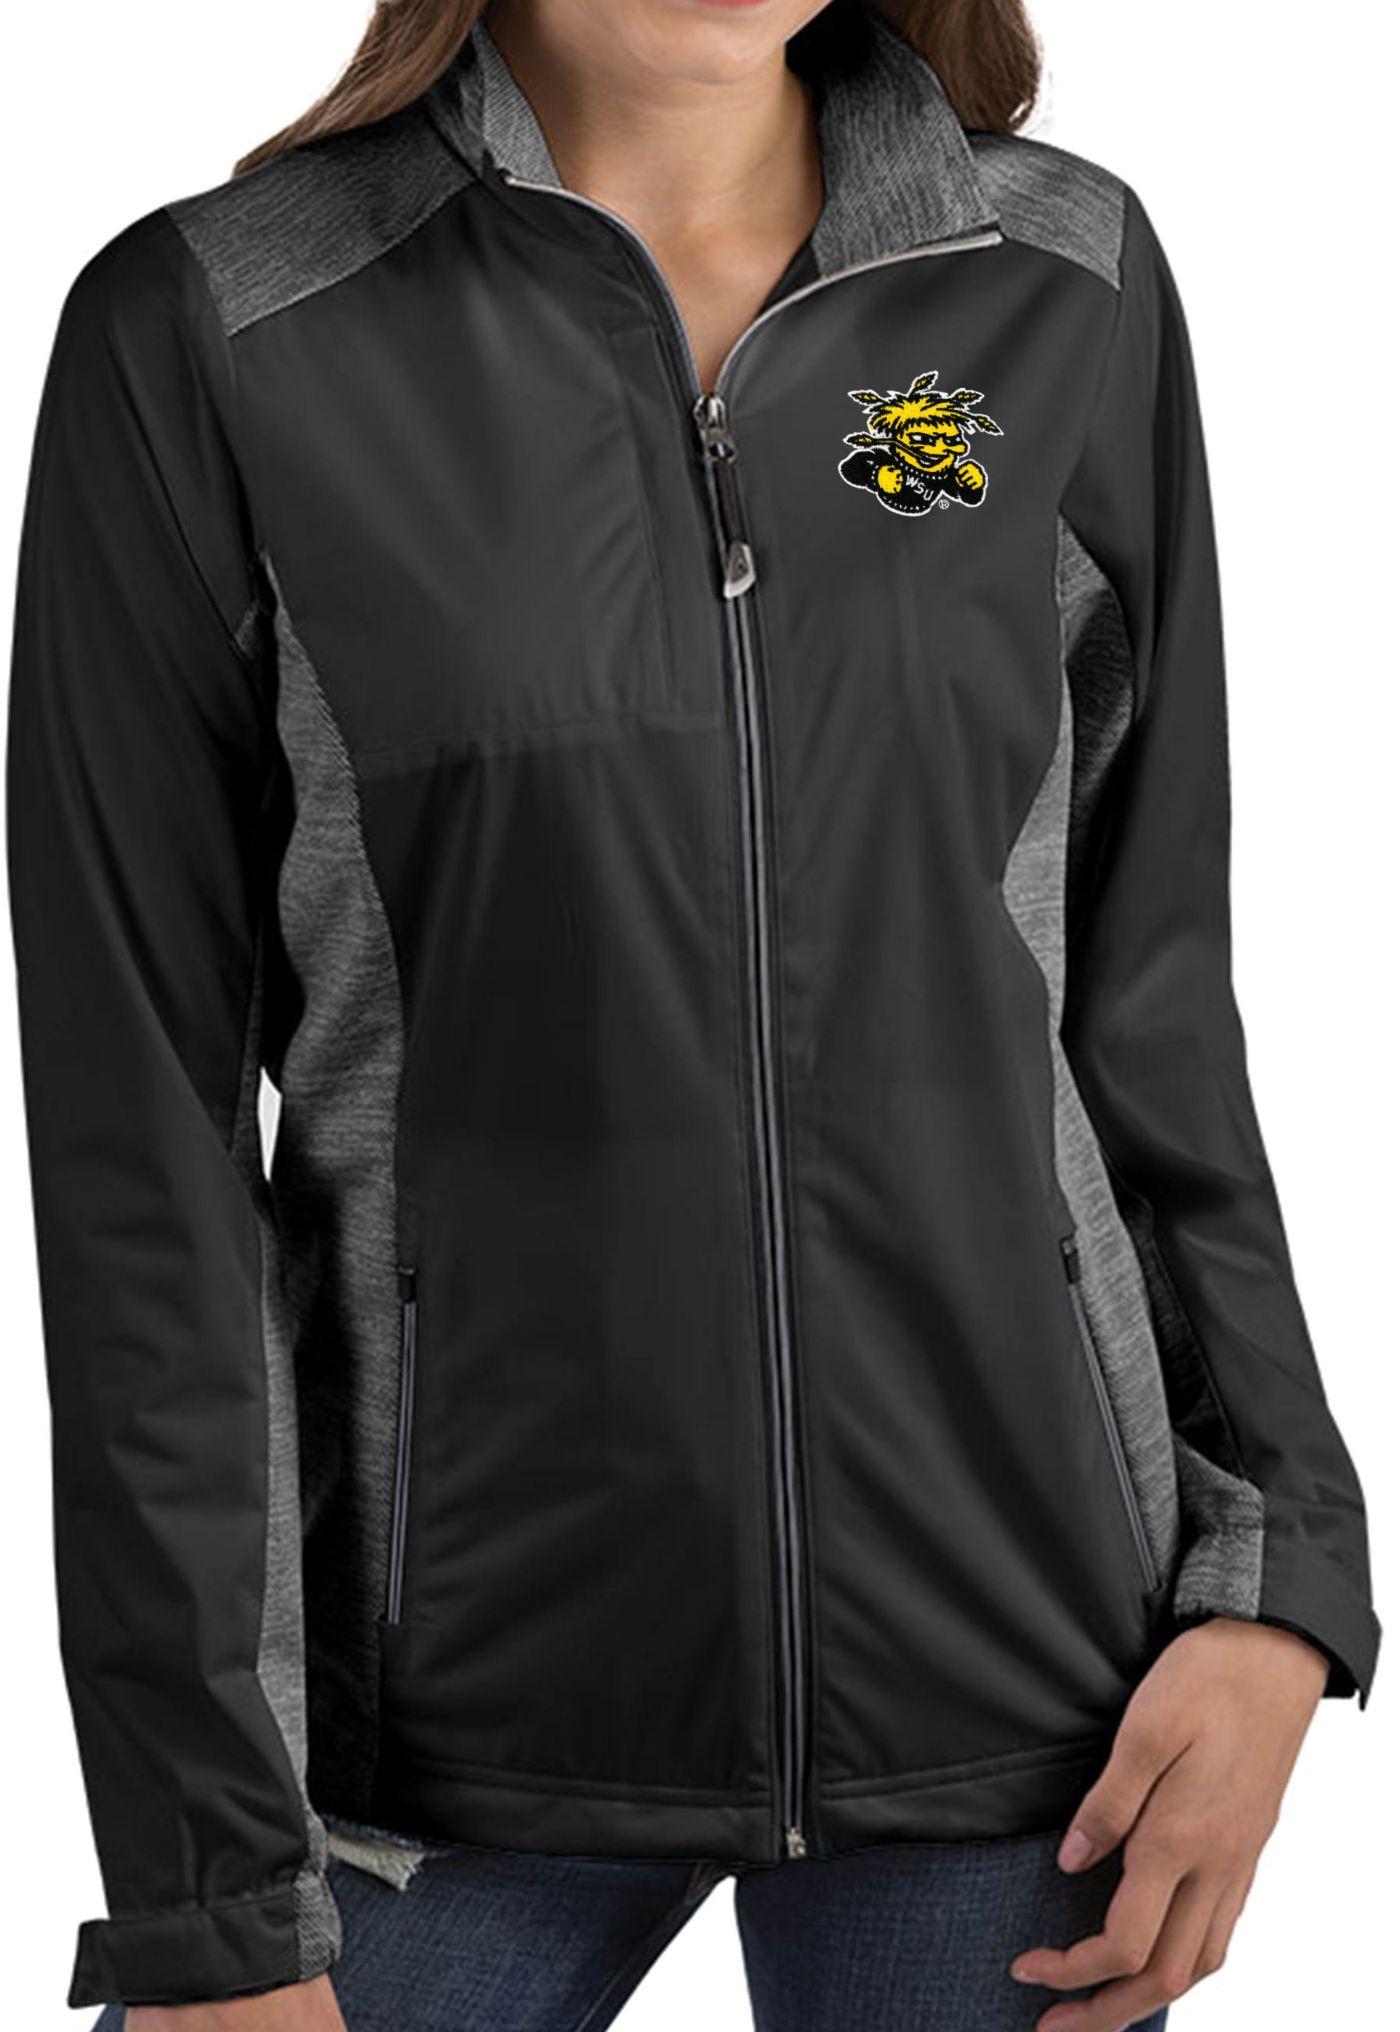 Antigua Women's Wichita State Shockers Revolve Full-Zip Black Jacket